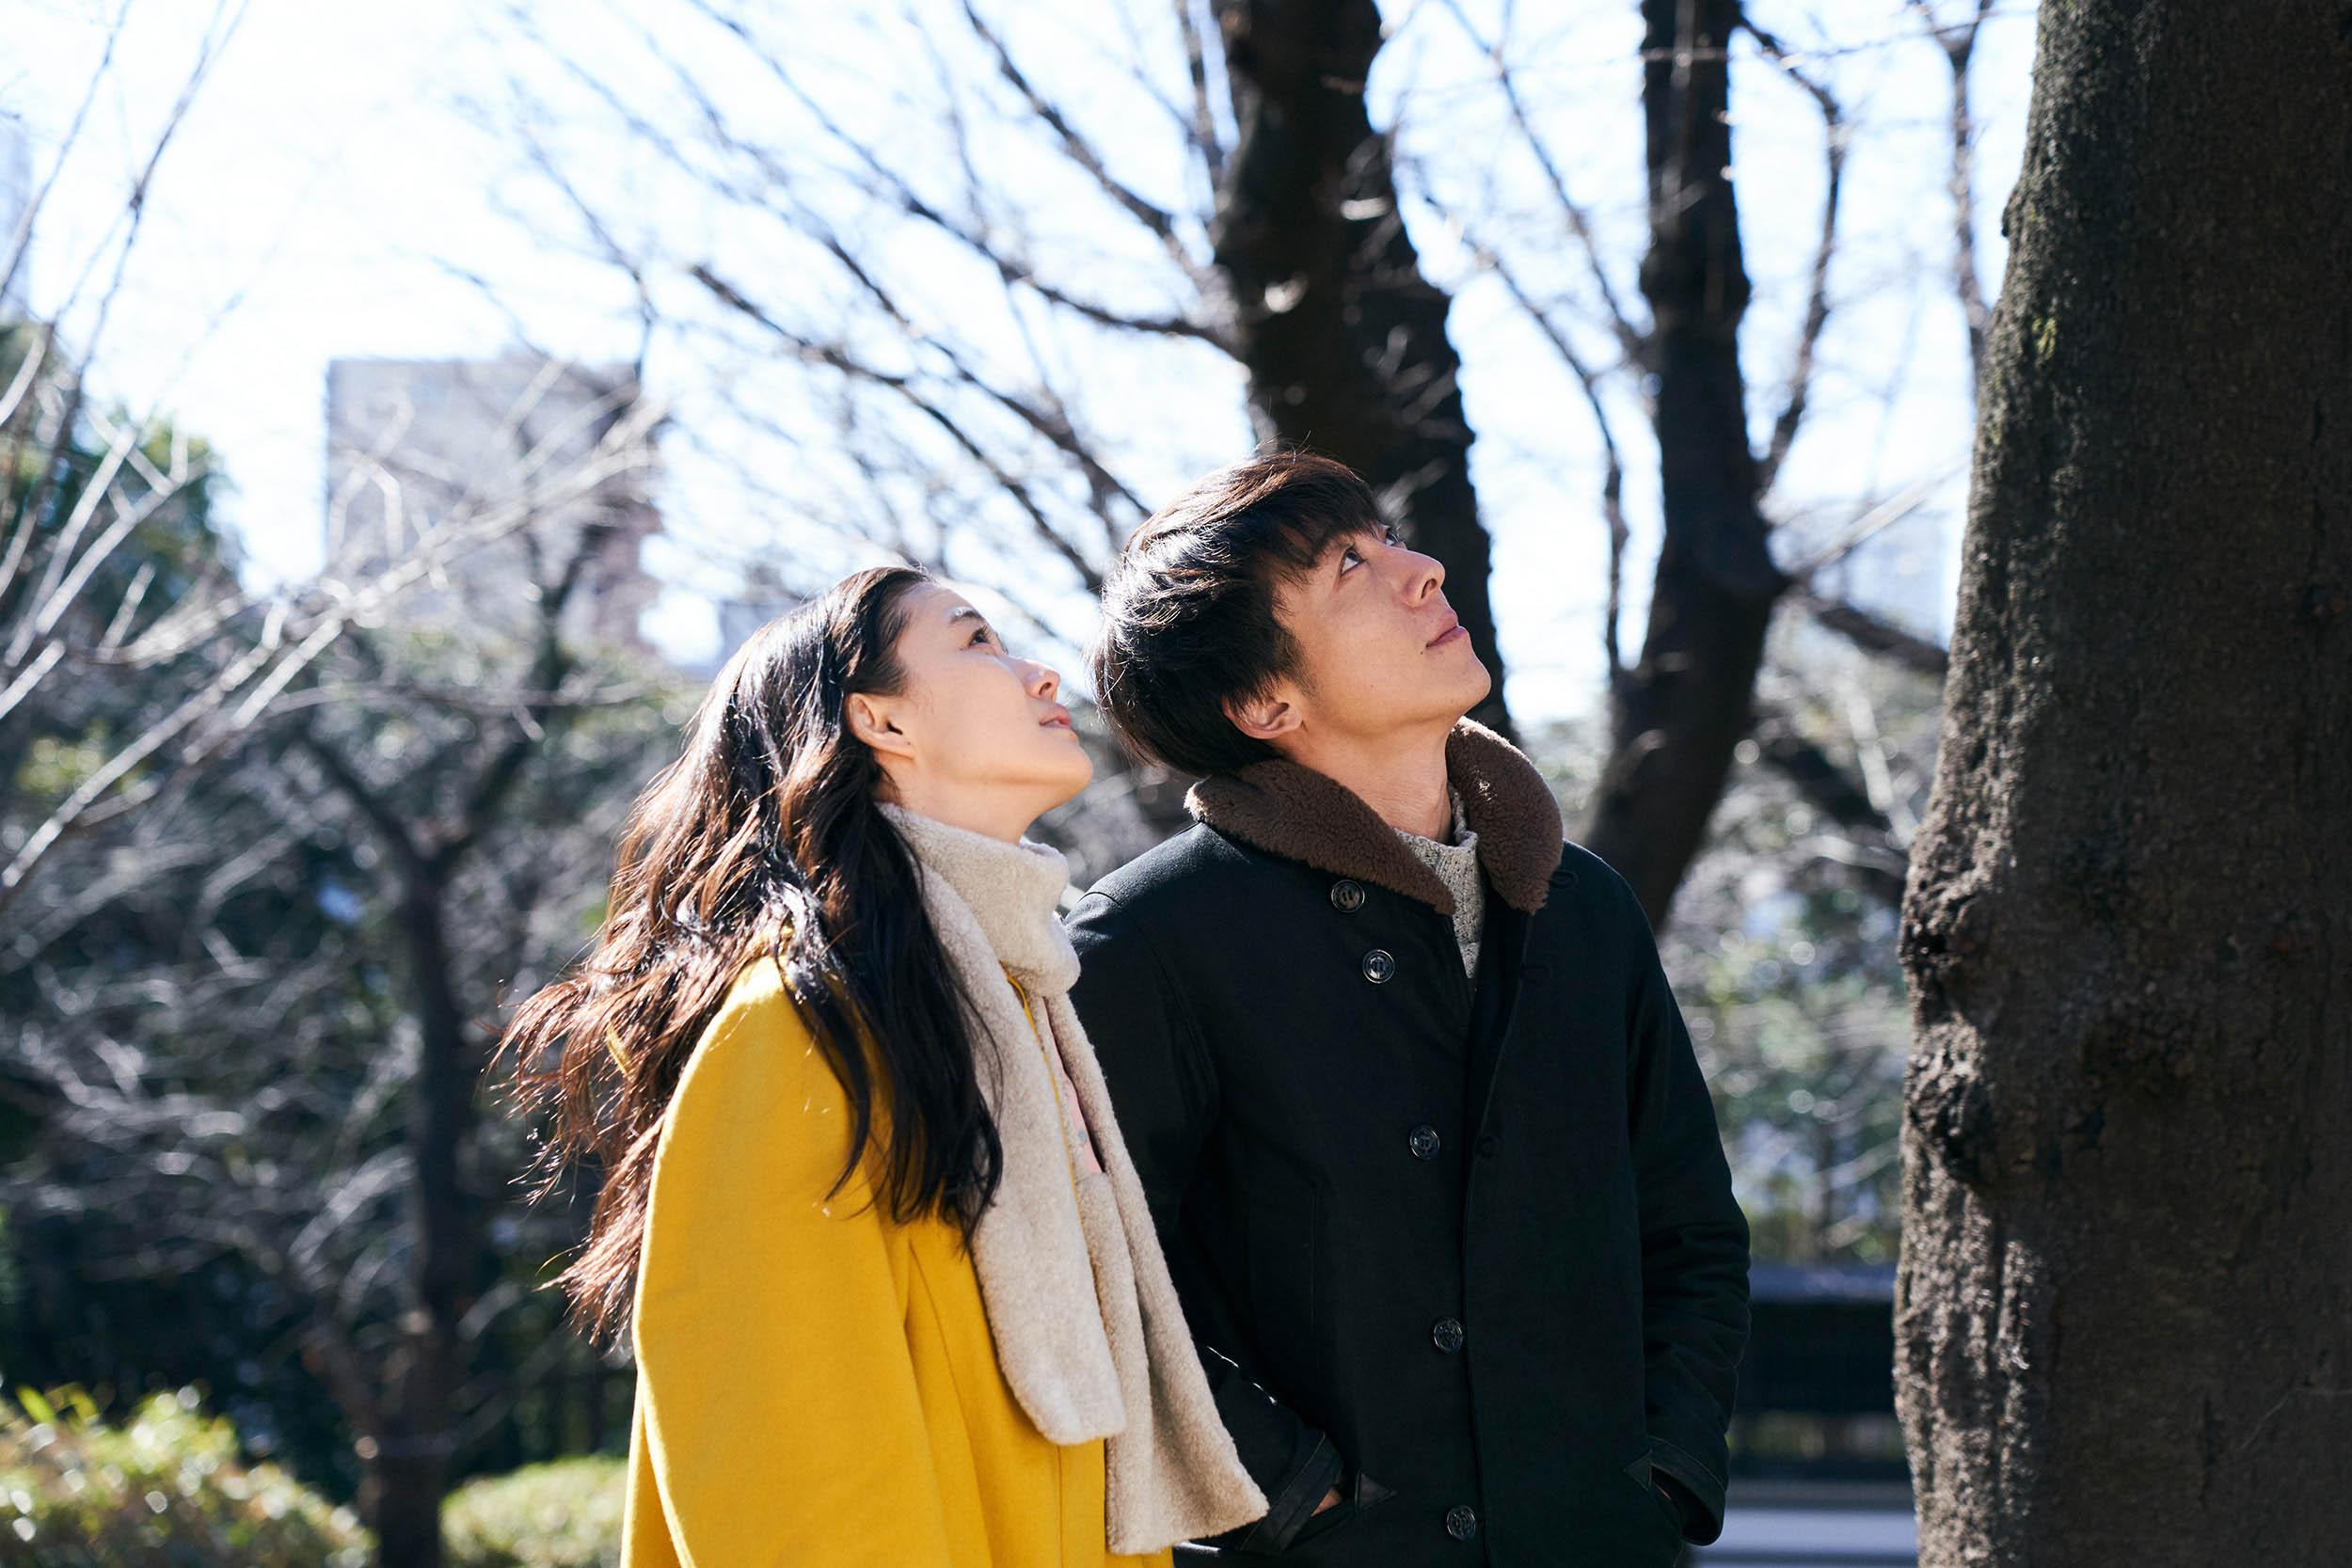 高橋一生(右)和蒼井優(左)在片中,除了激情床戲外,更有多場唯美的戀愛場景